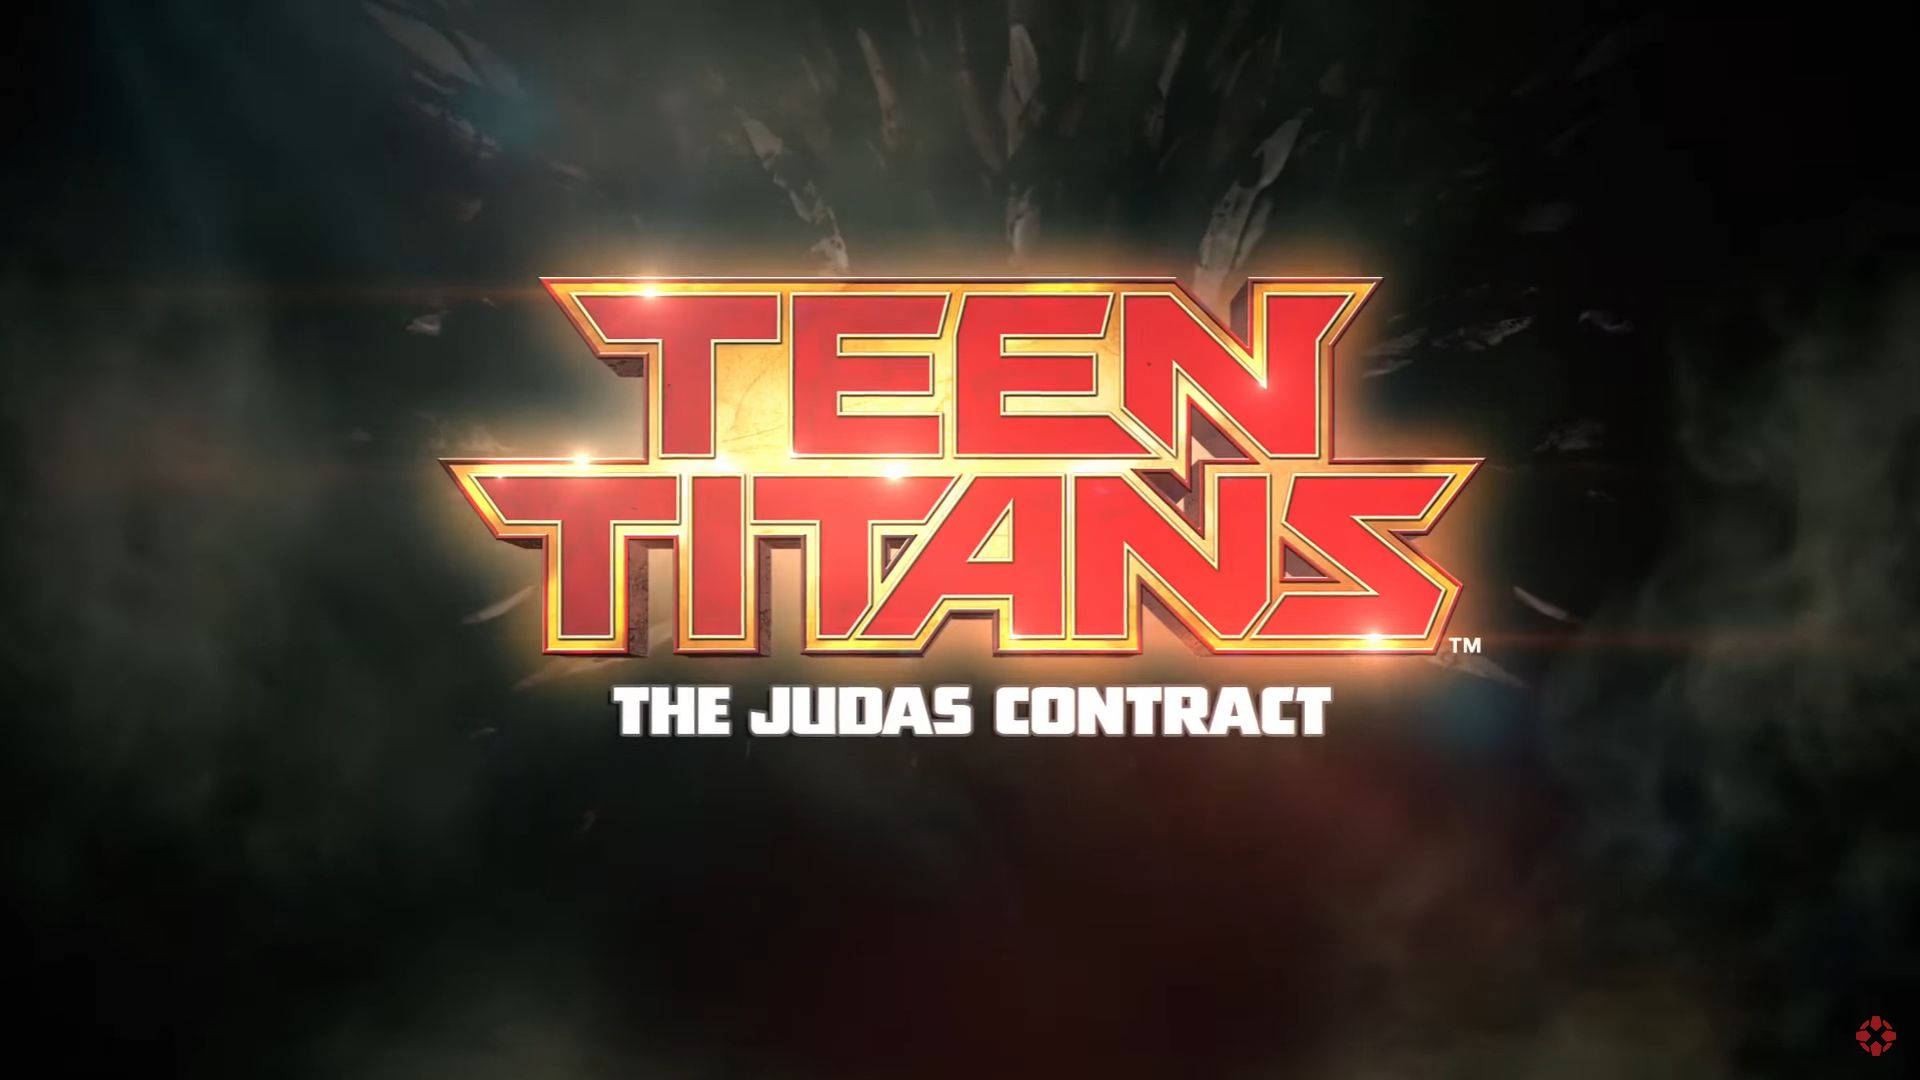 Teen Titans: The Judas Contract ya tiene fecha de lanzamiento